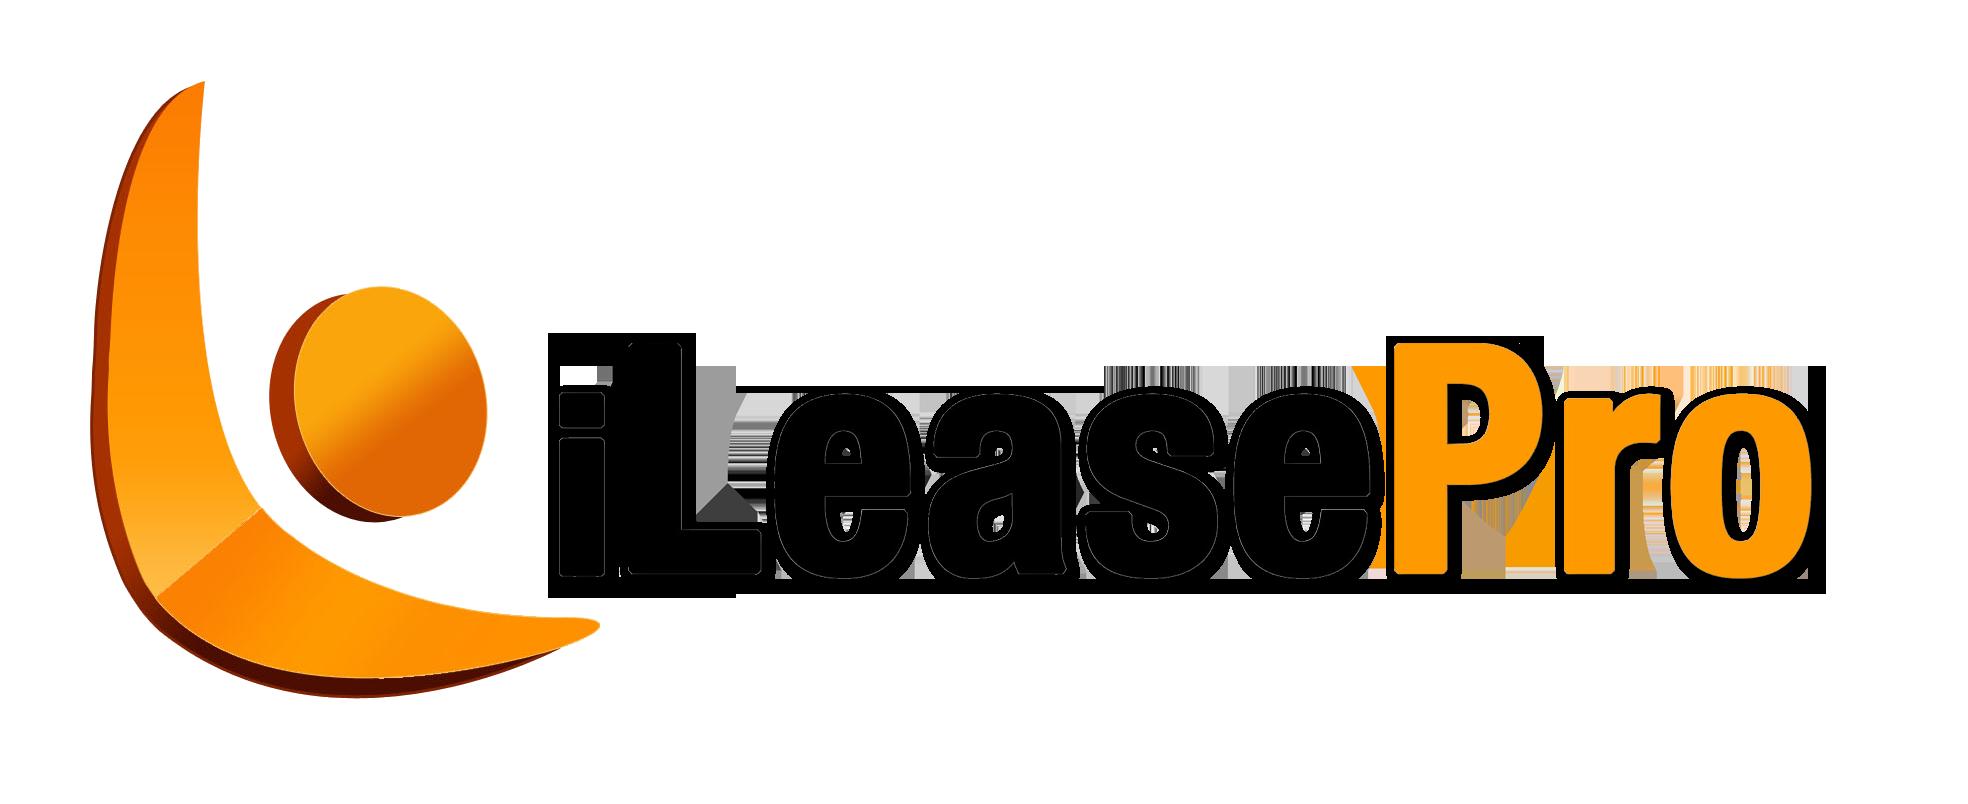 iLeasePro logo